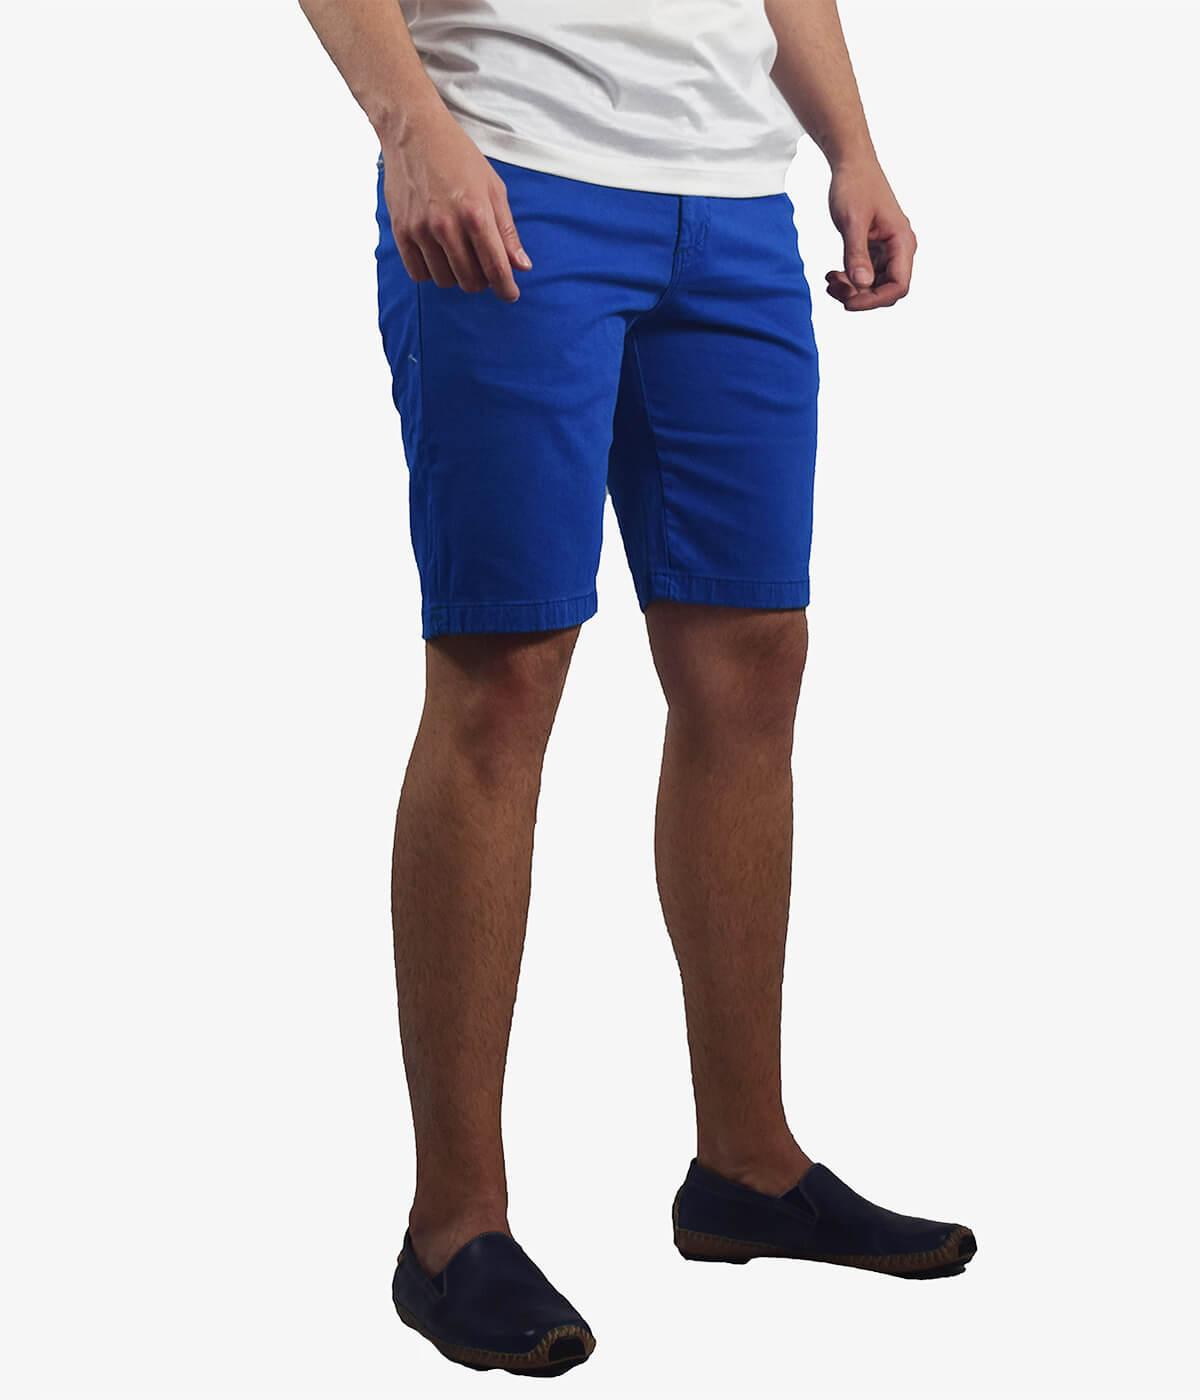 ccb38ff3b5 Blue stretch poplin shorts | Fugaro